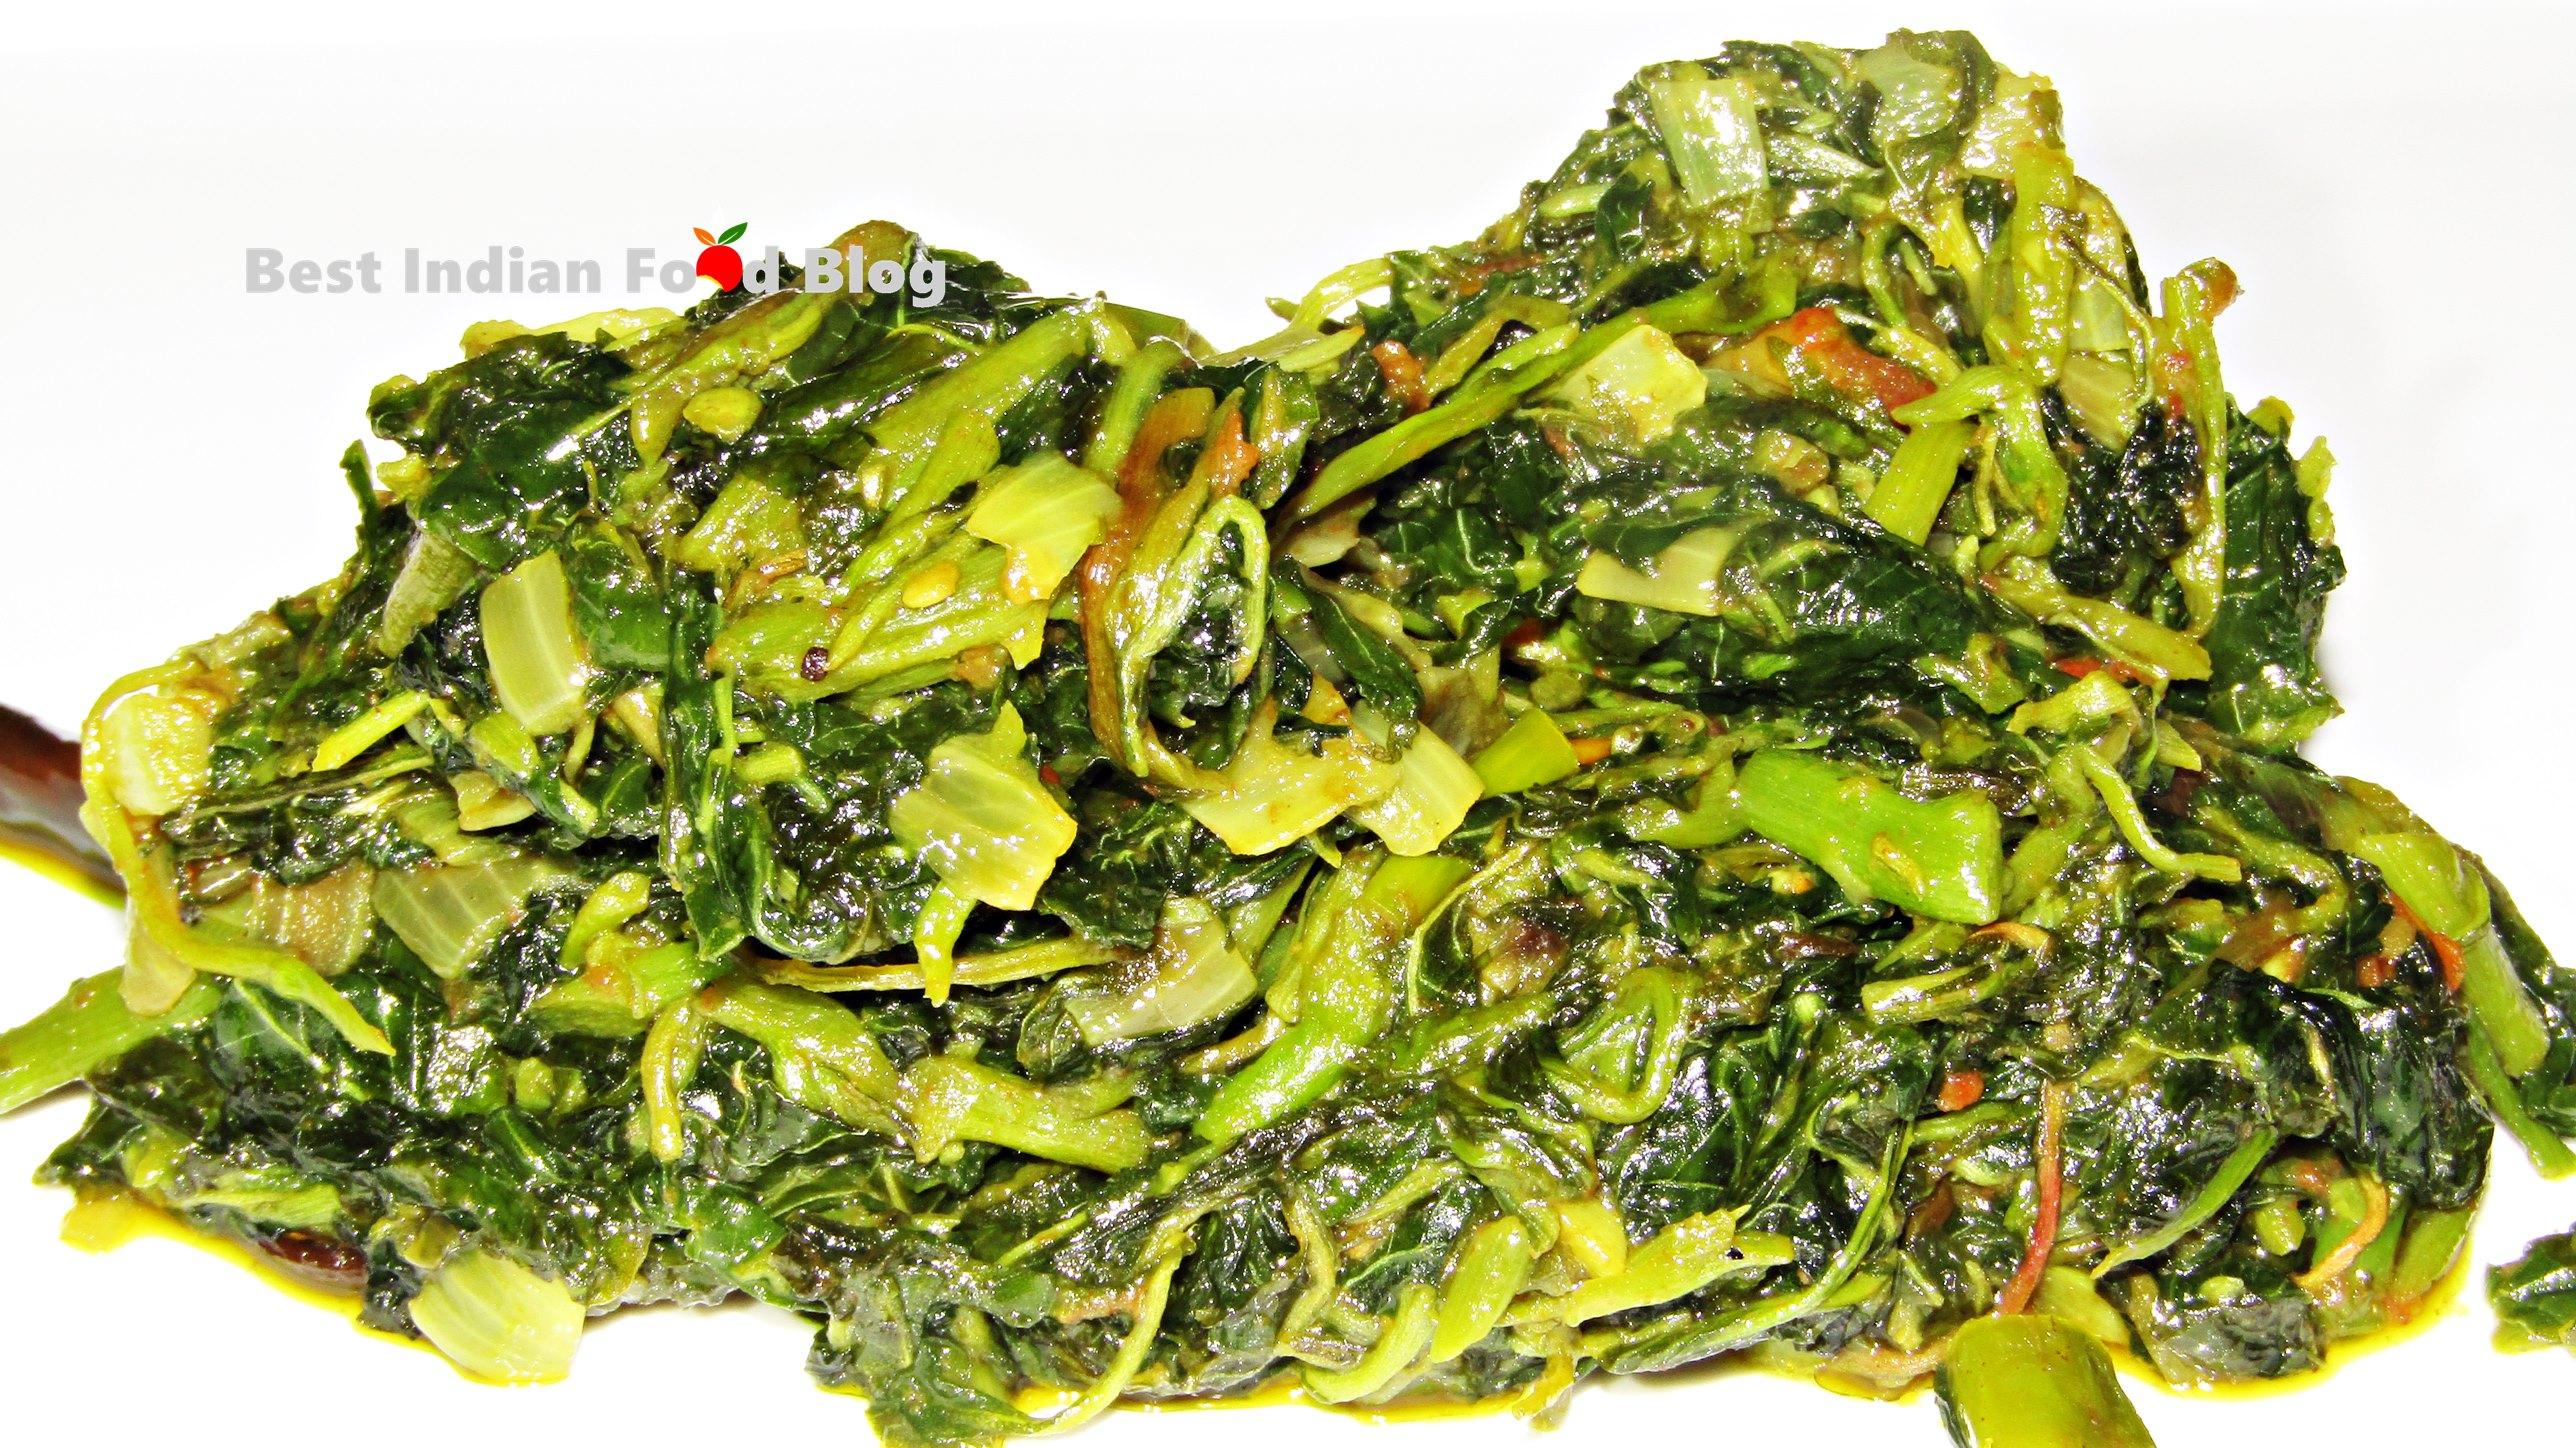 Chaulai Bhaji from Chhattisgarh, India | Best Indian Food Blog